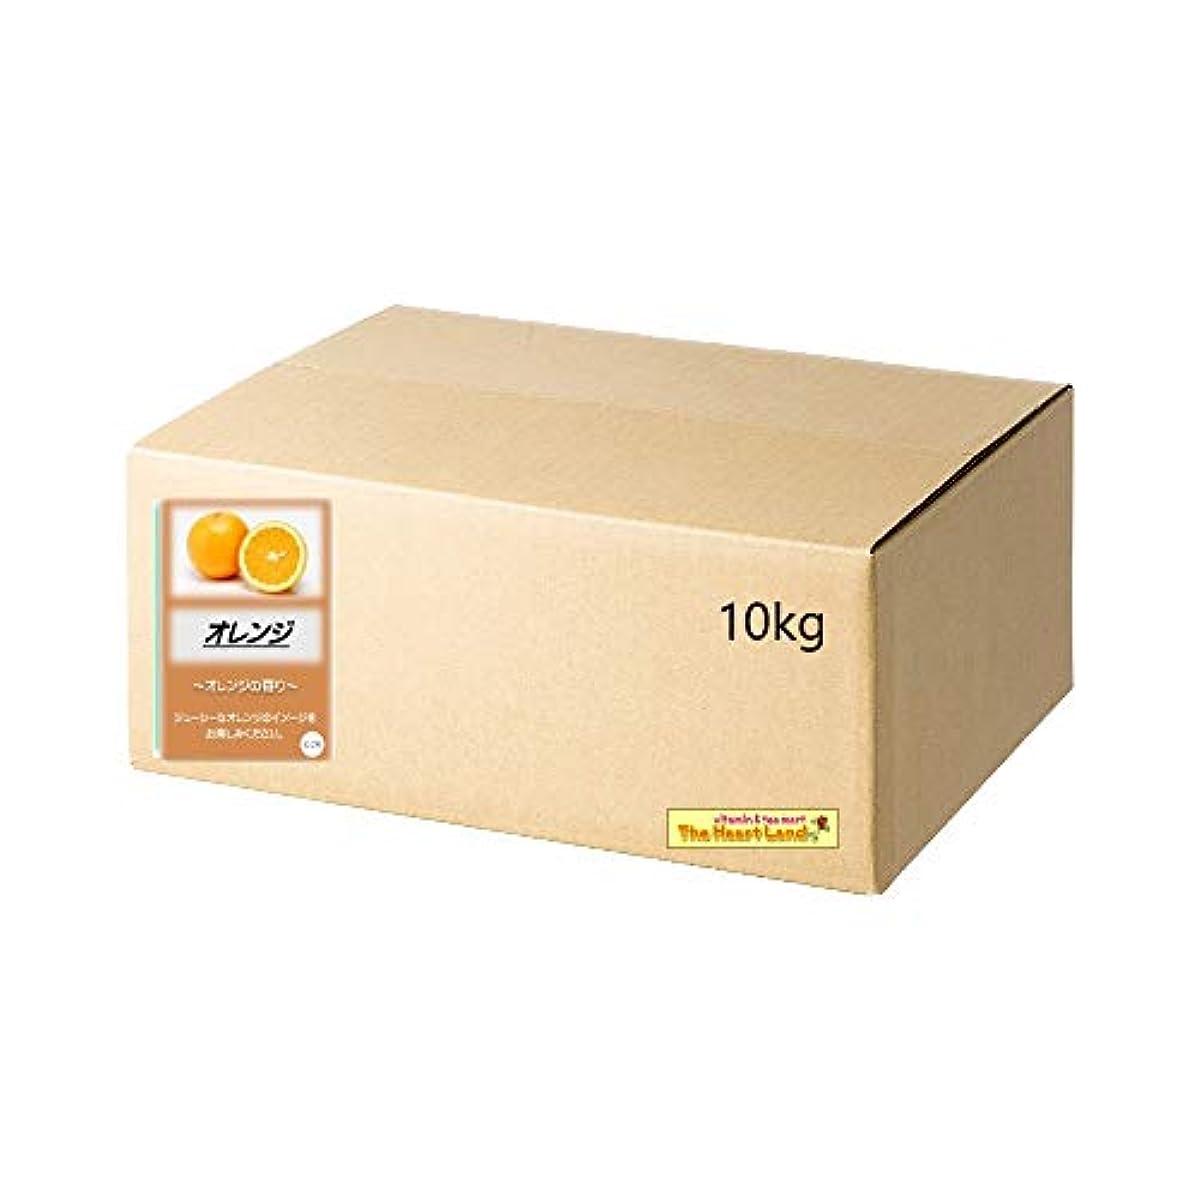 開示する複合免除するアサヒ入浴剤 浴用入浴化粧品 オレンジ 10kg